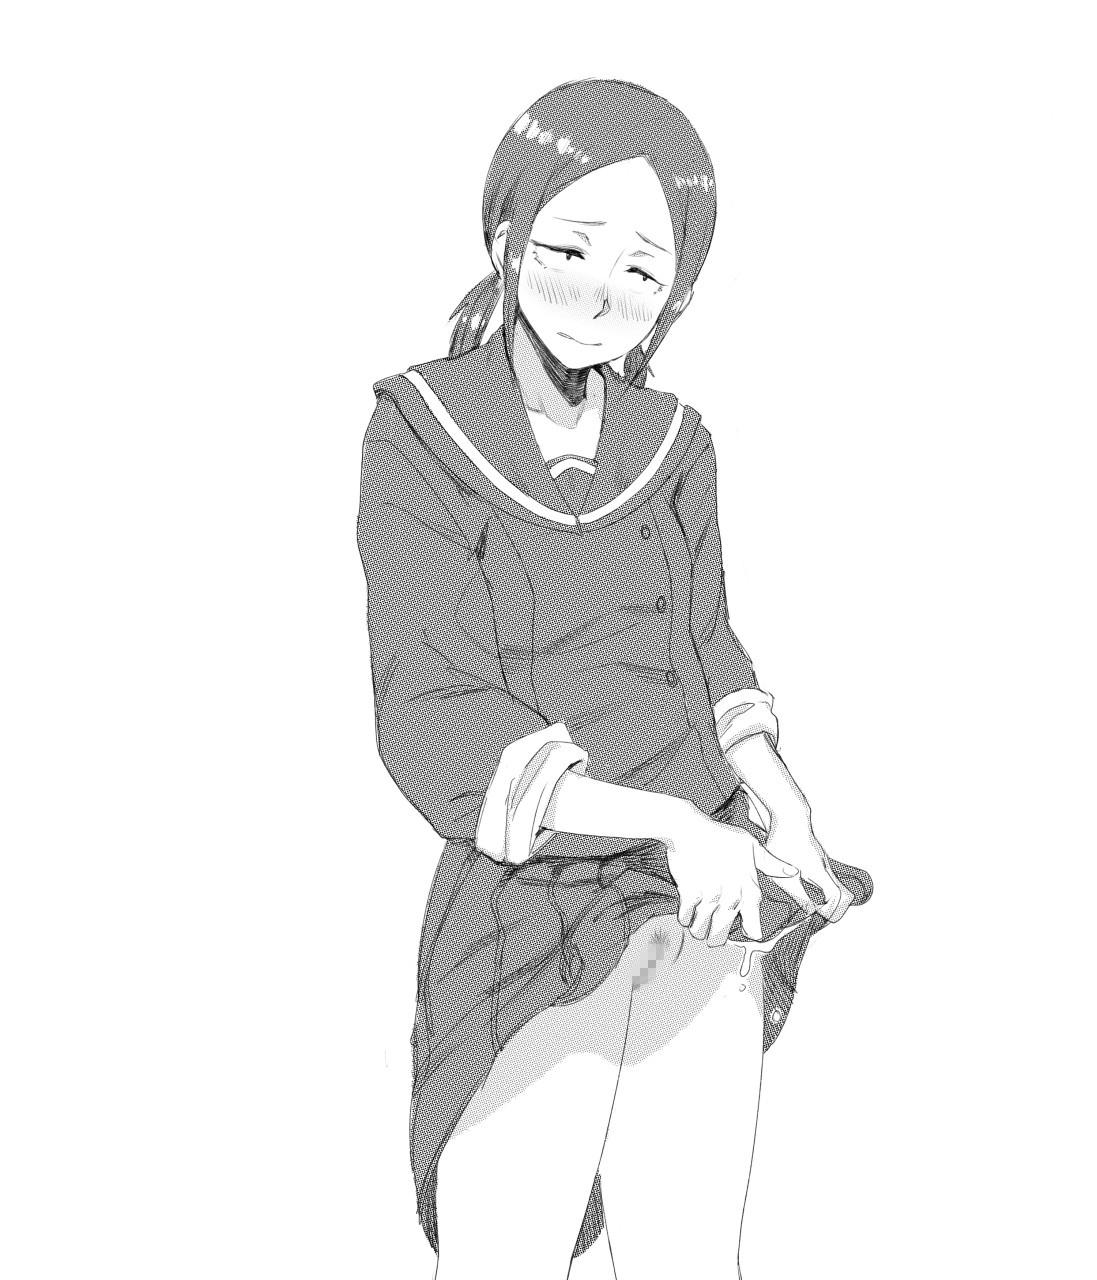 放課後ていぼう日誌 エロ画像 Part4 06